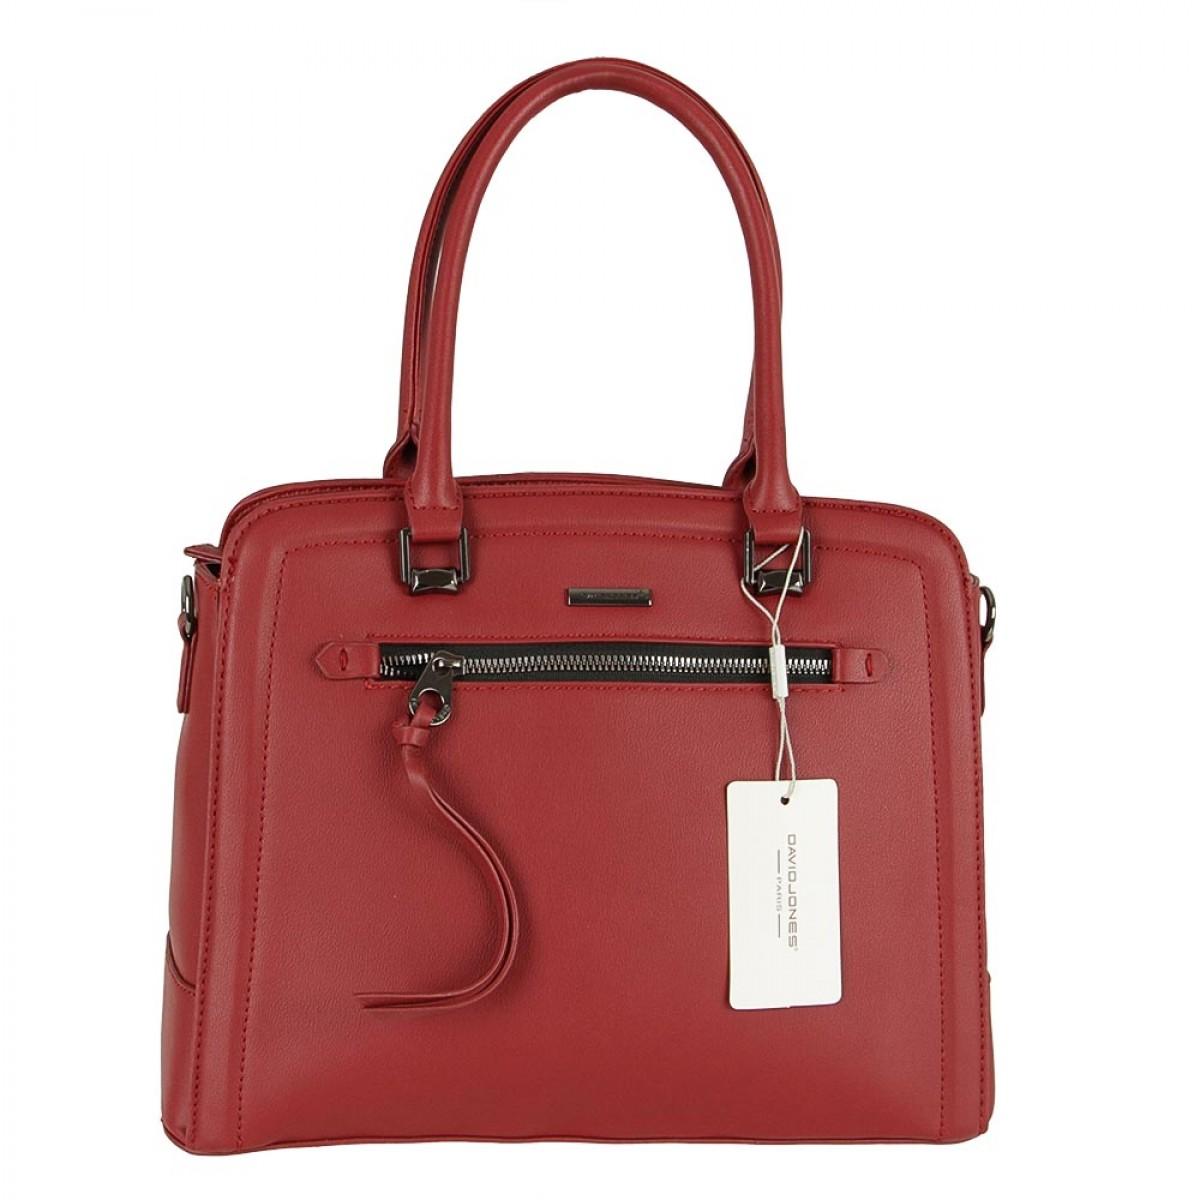 Жіноча сумка David Jones 6111-3 BORDEAUX